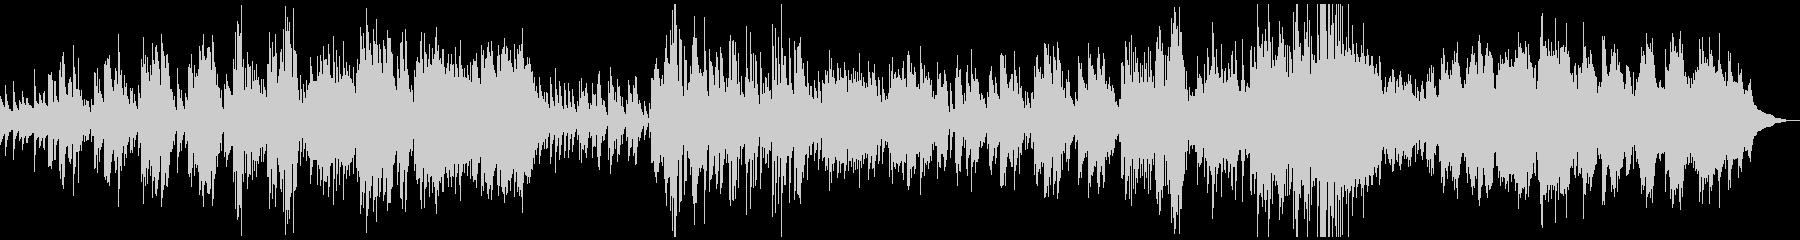 クラシックピアノ塔ドビュッシー壮大神秘的の未再生の波形